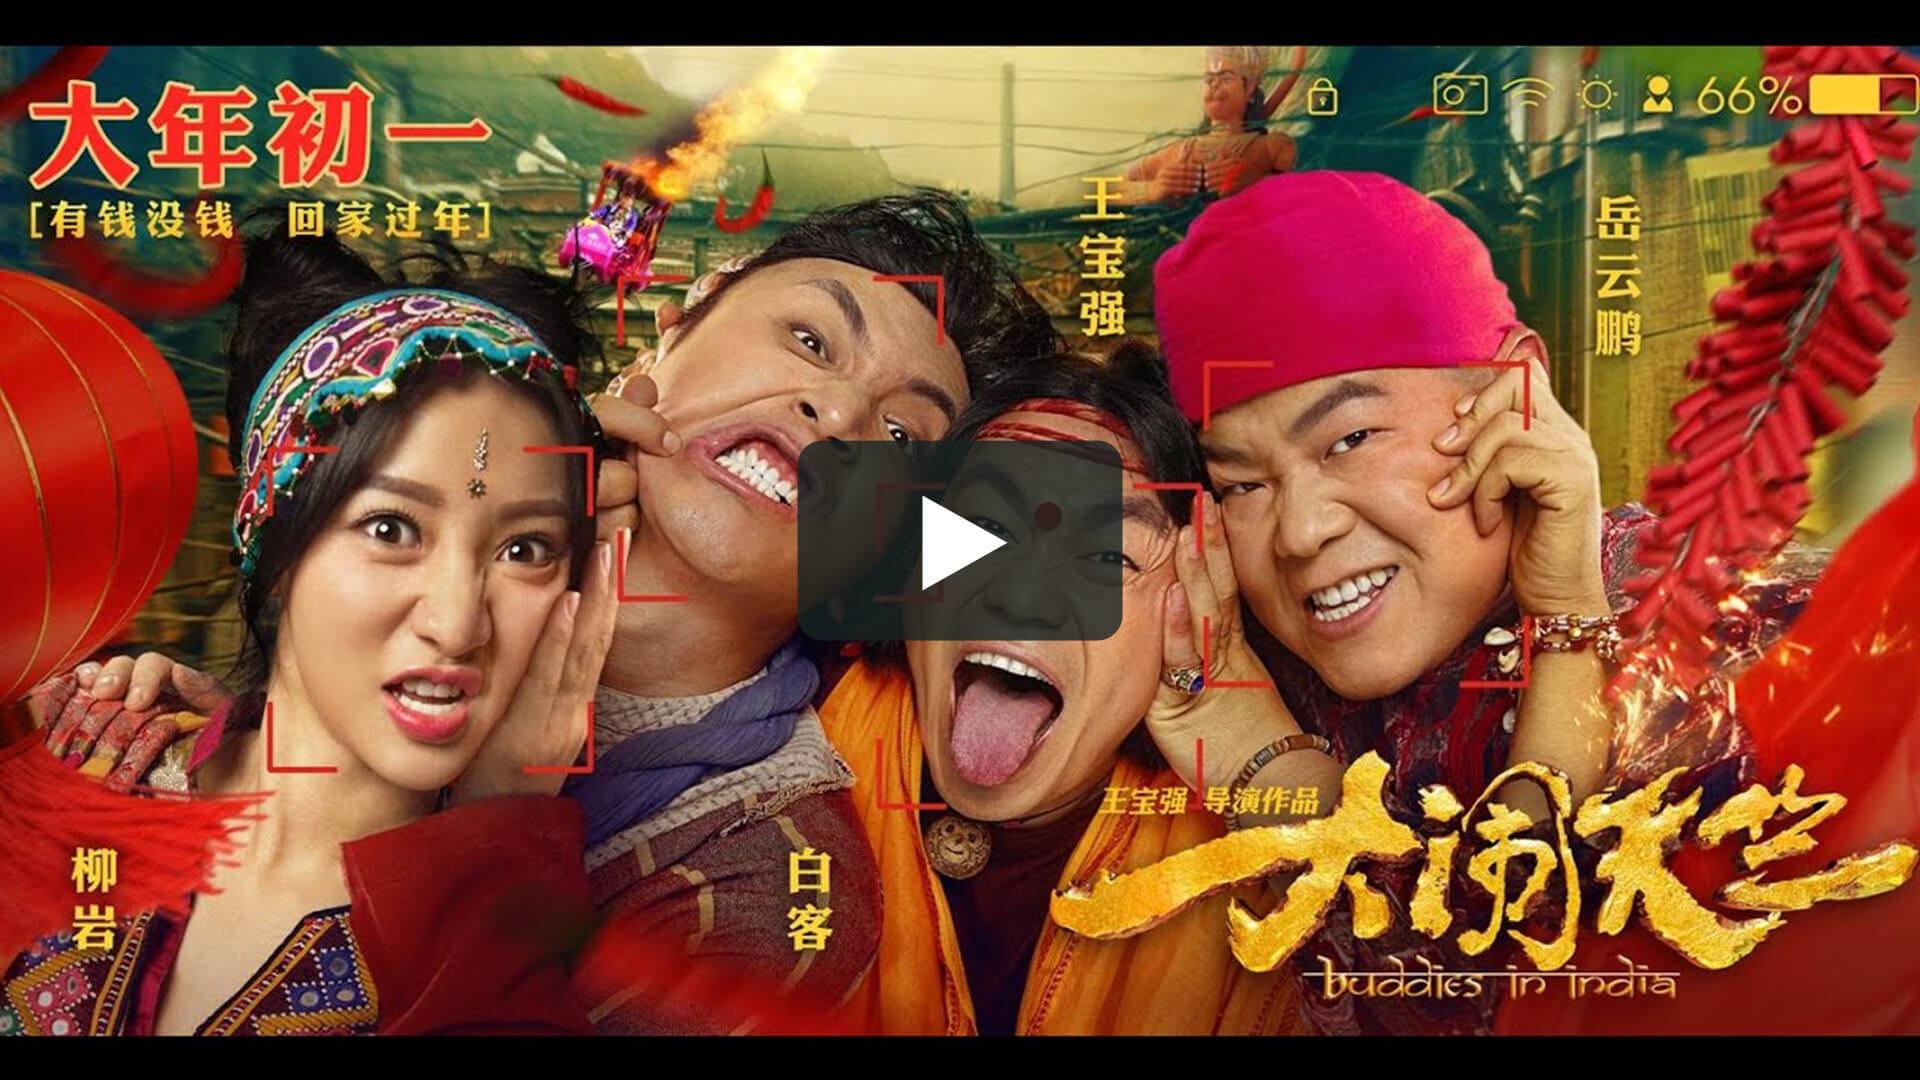 大鬧天竺 - Buddies in India